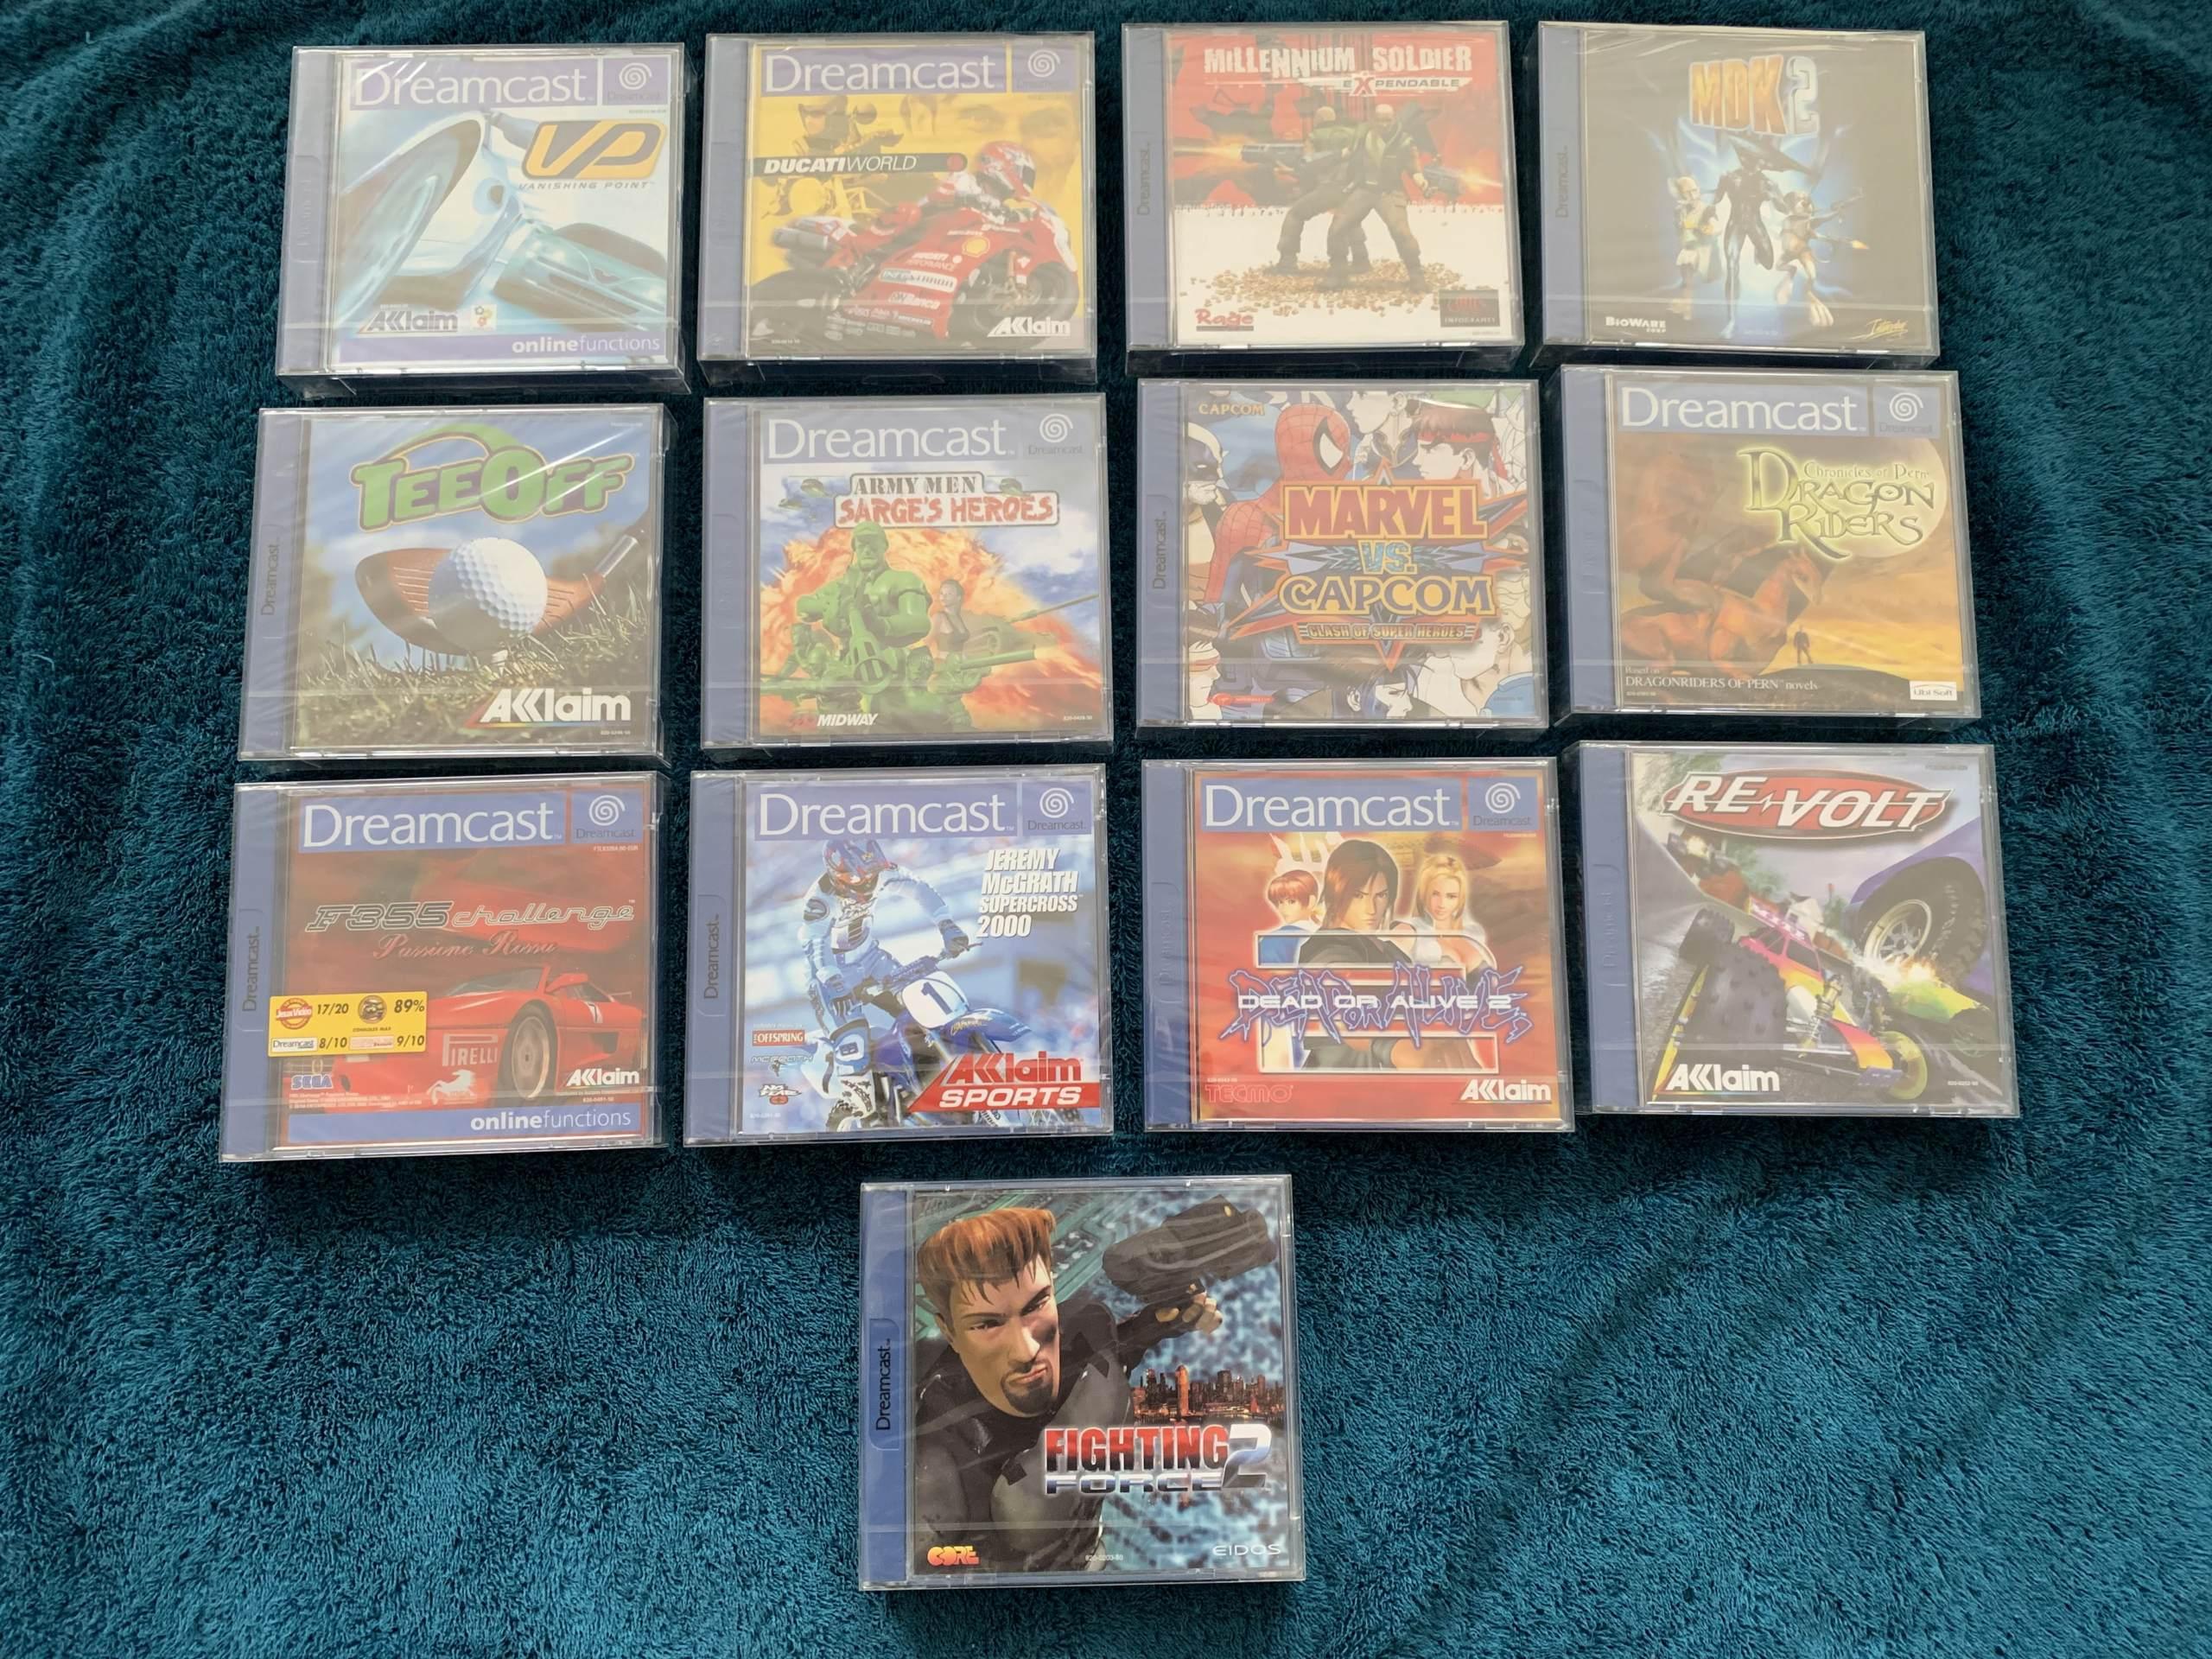 [VENDU] Fullset Jeux Dreamcast, Accessoires, Promo, Rigides... - 350 pièces - NEUF SOUS BLISTER 013_fu10